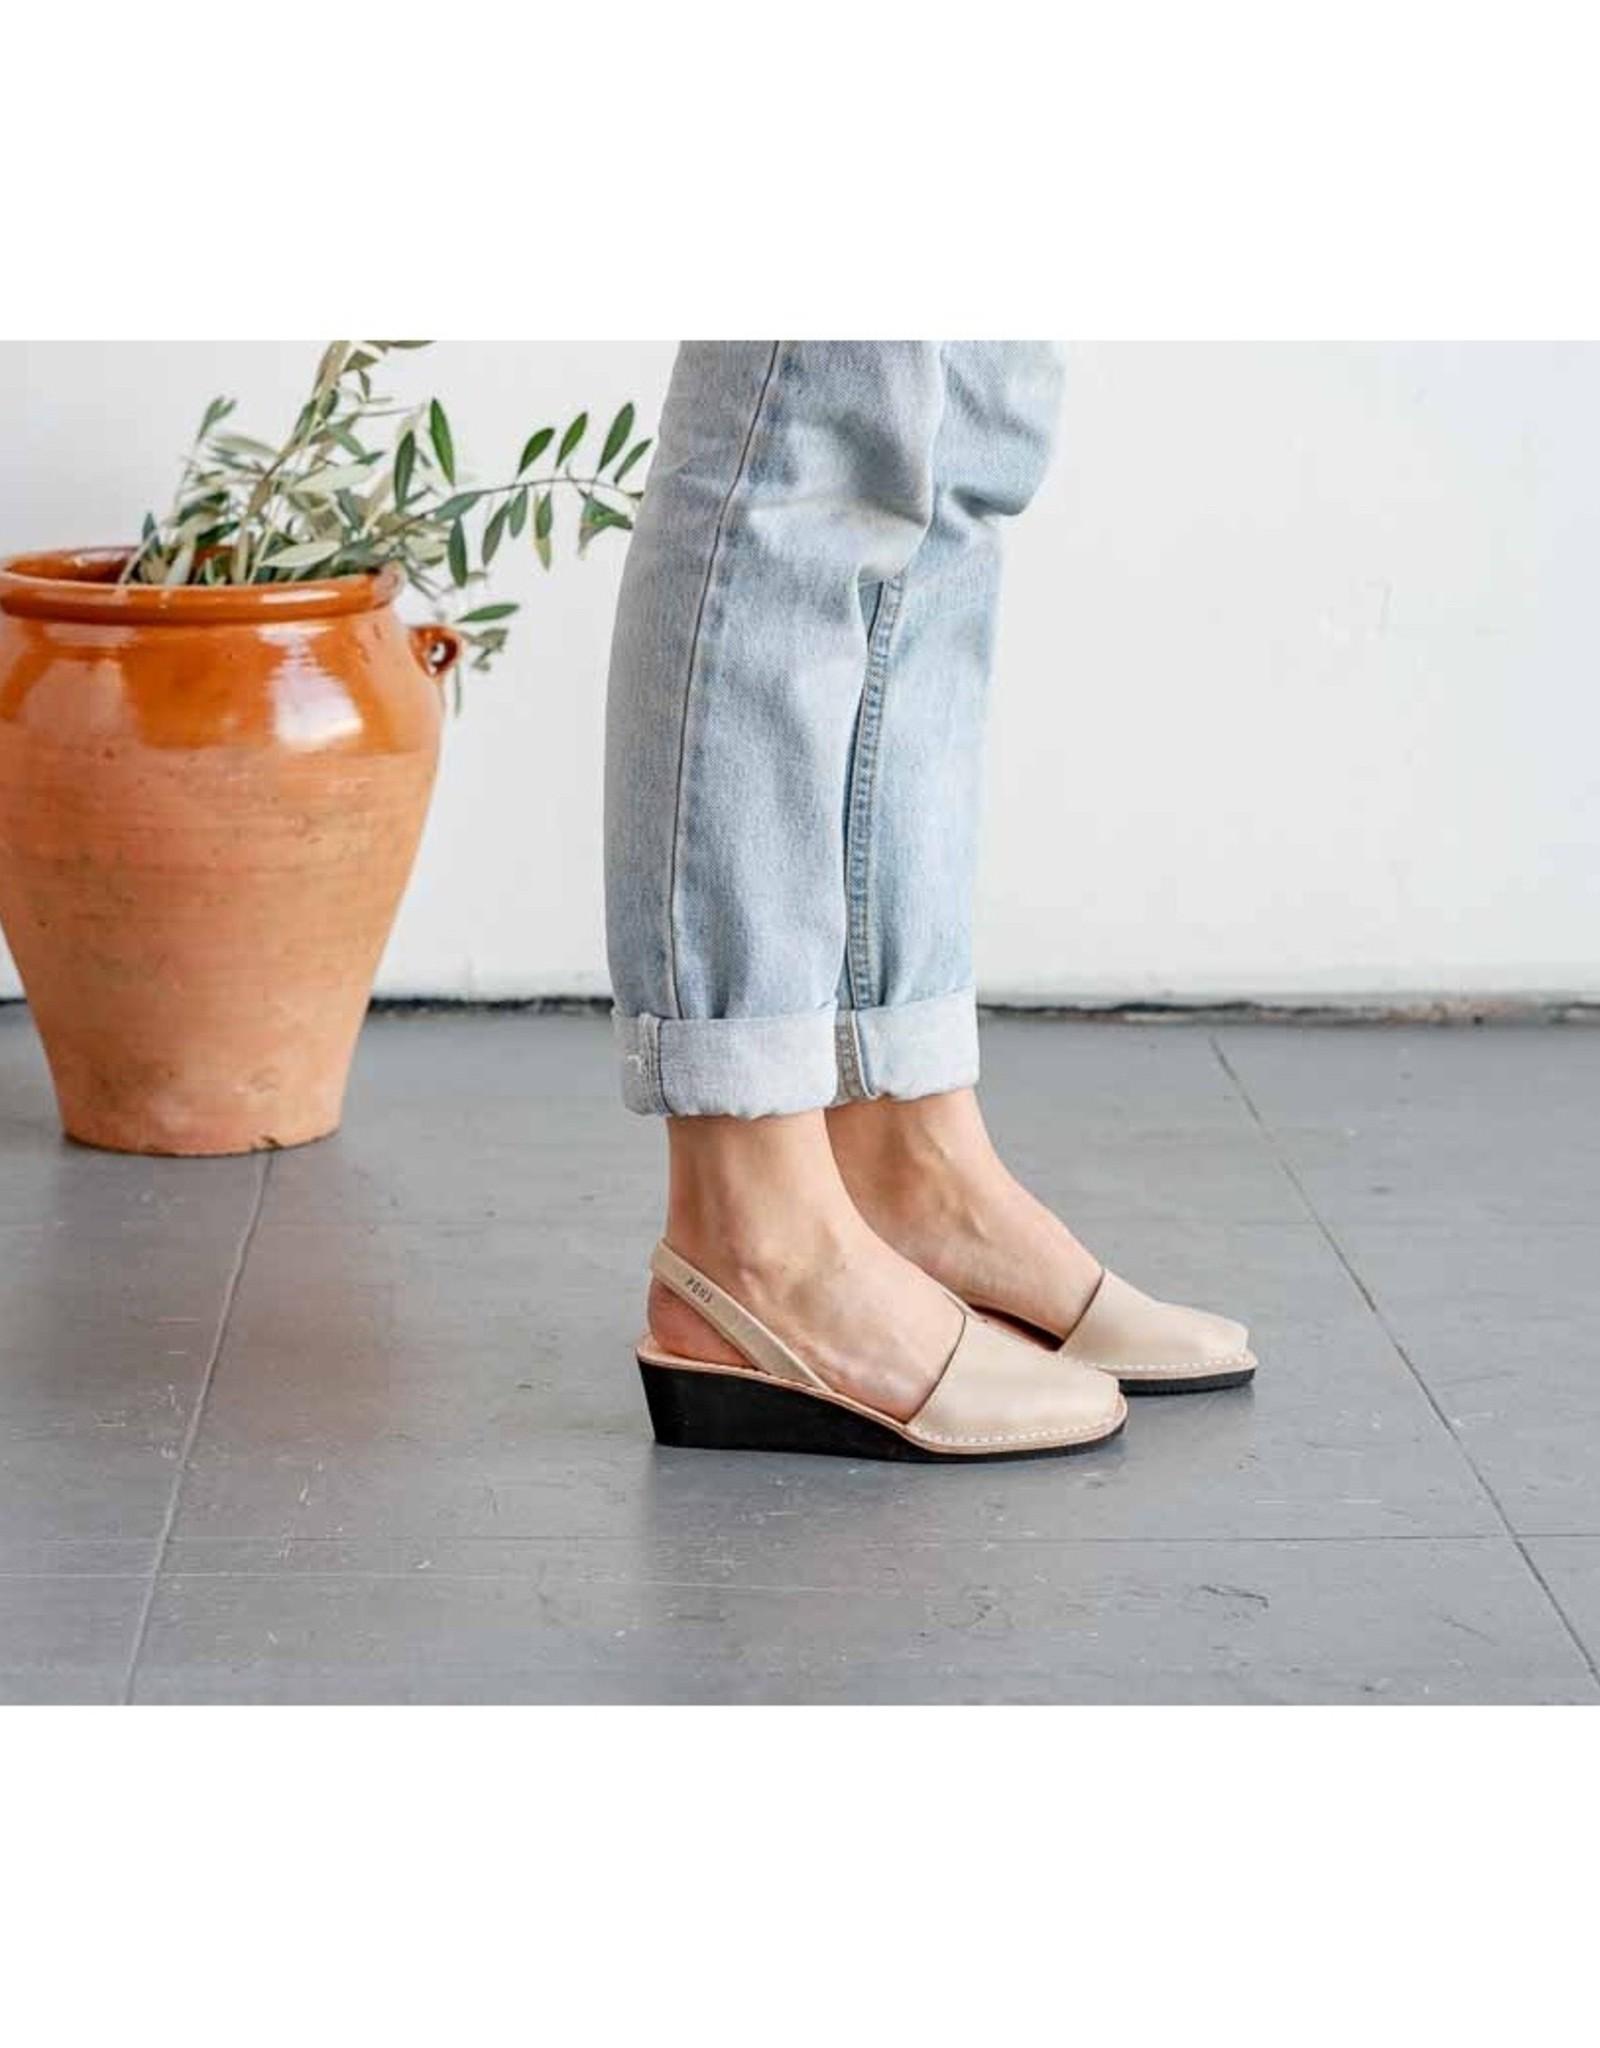 PONS PONS Wedge Sandal